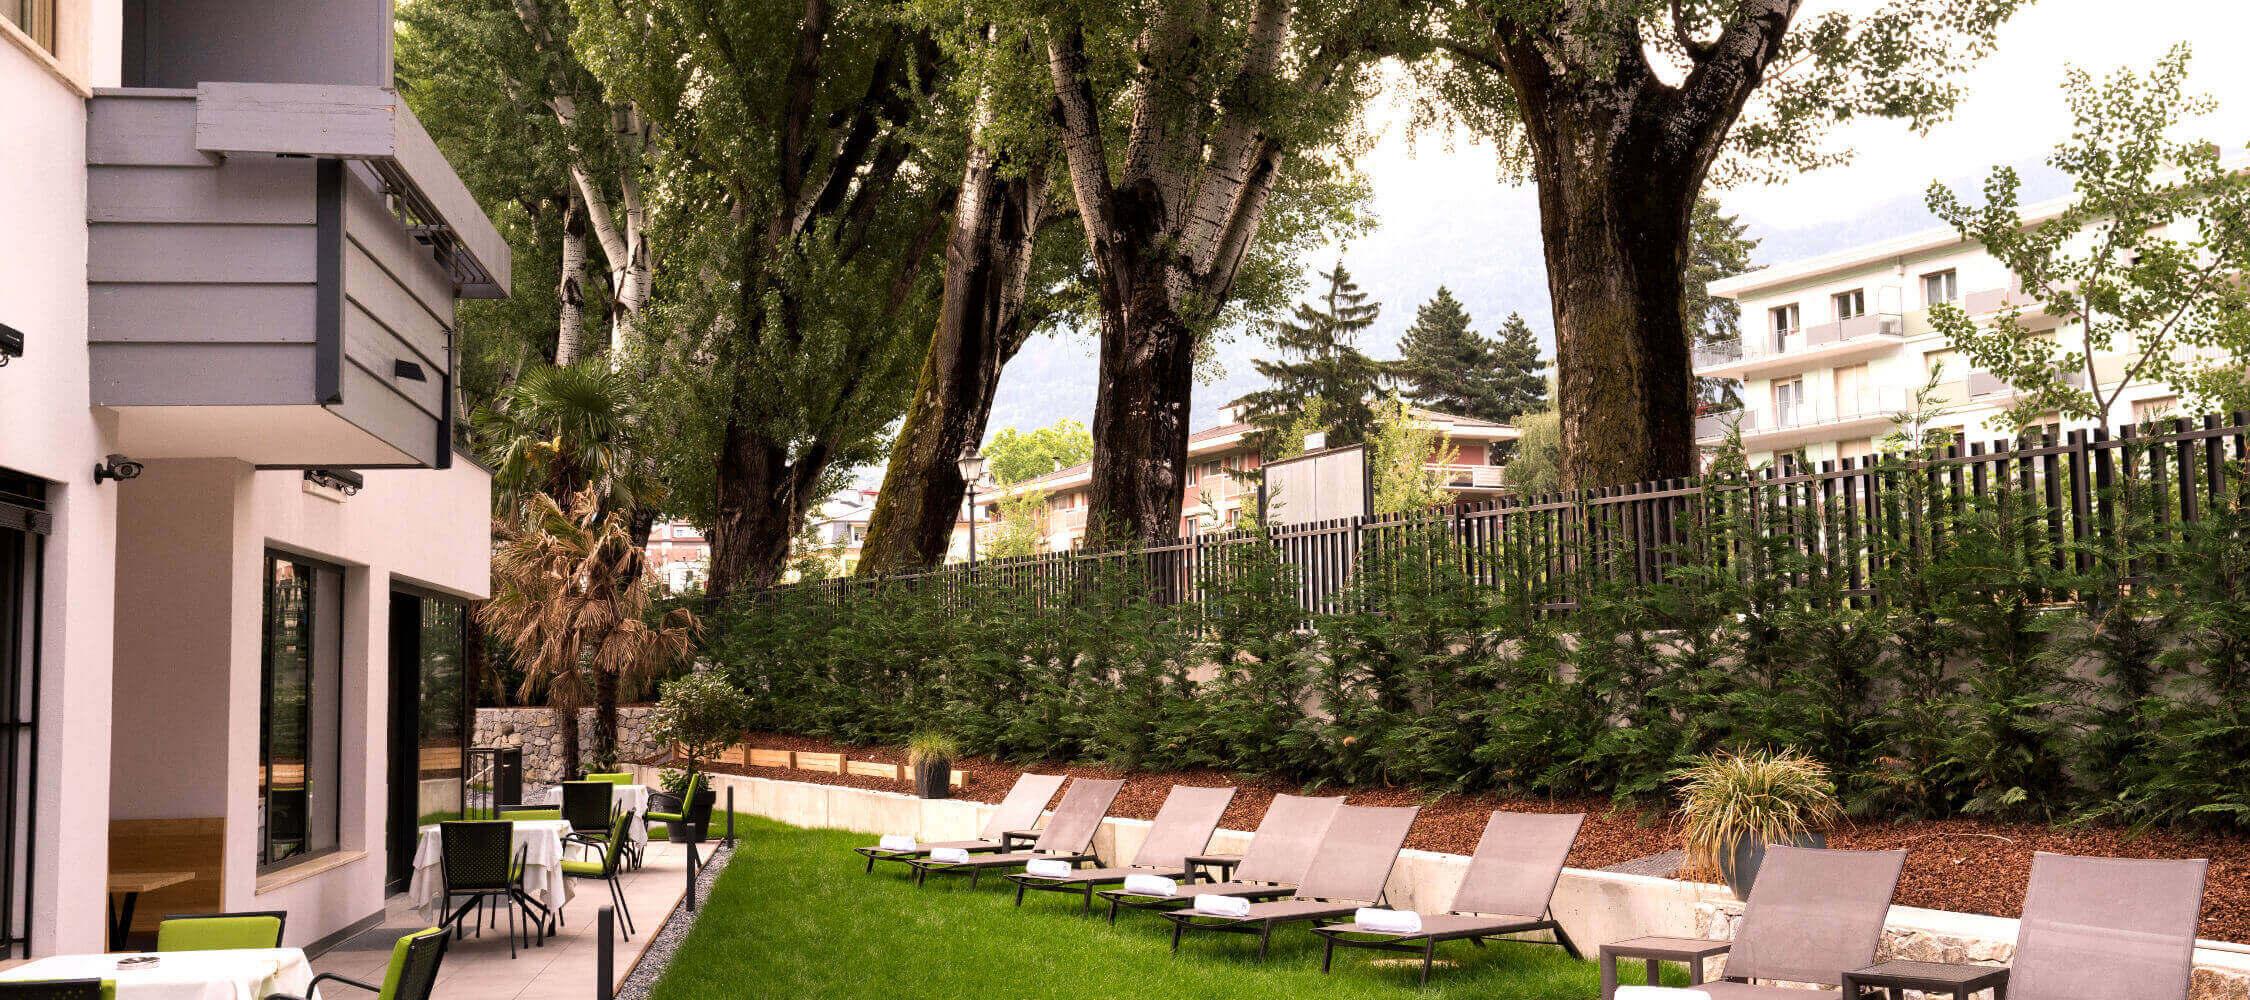 Hotel_Flora_Merano_Aussen_Terrasse_Schwimmbad_Garten_BeatricePilotto_DSC03519_2250x1000